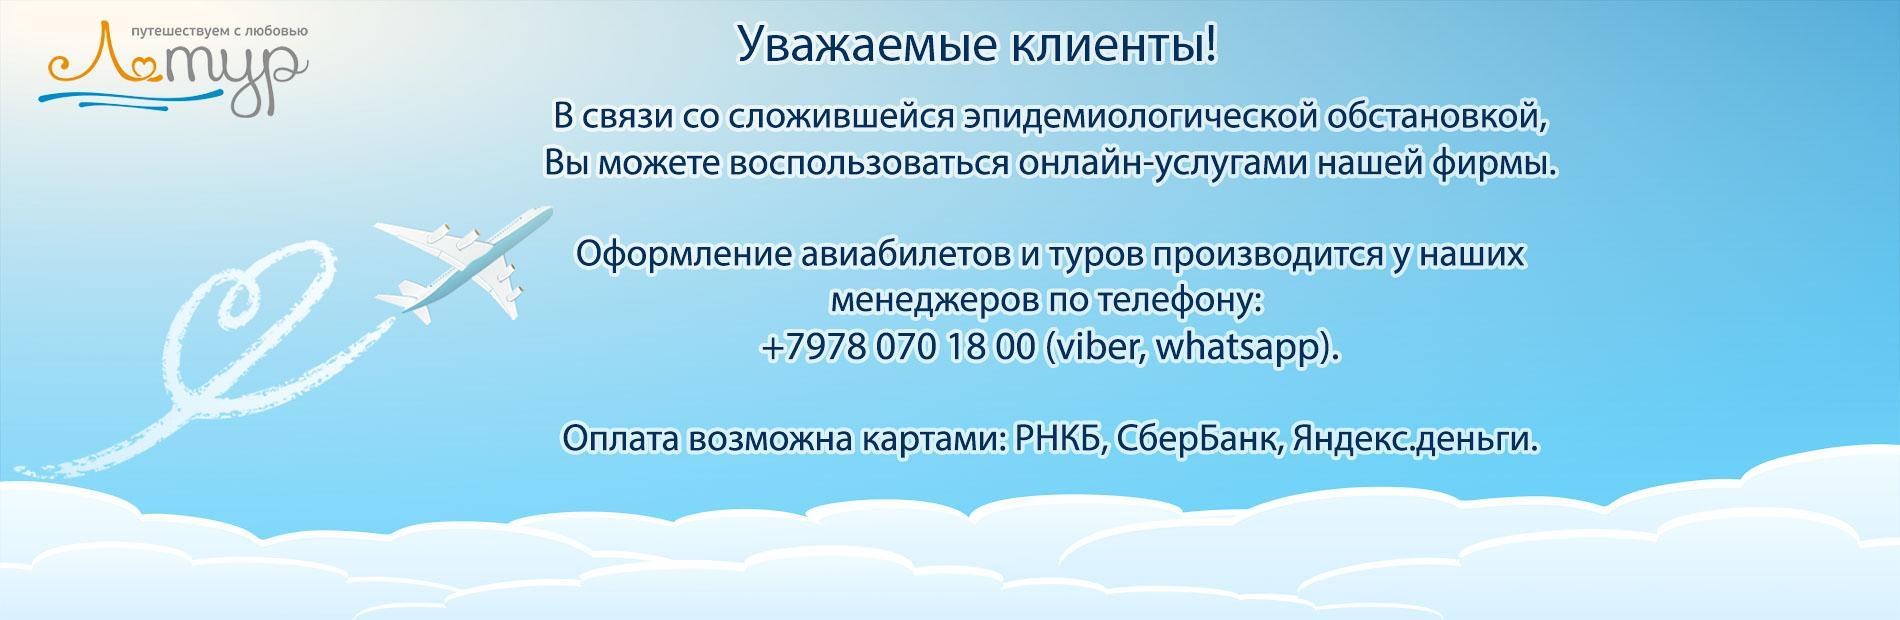 авиакасса в Севастополе, купить авиабилеты, авиакассы, Севастополь, турфирма, авиа и жд билеты в Севастополе